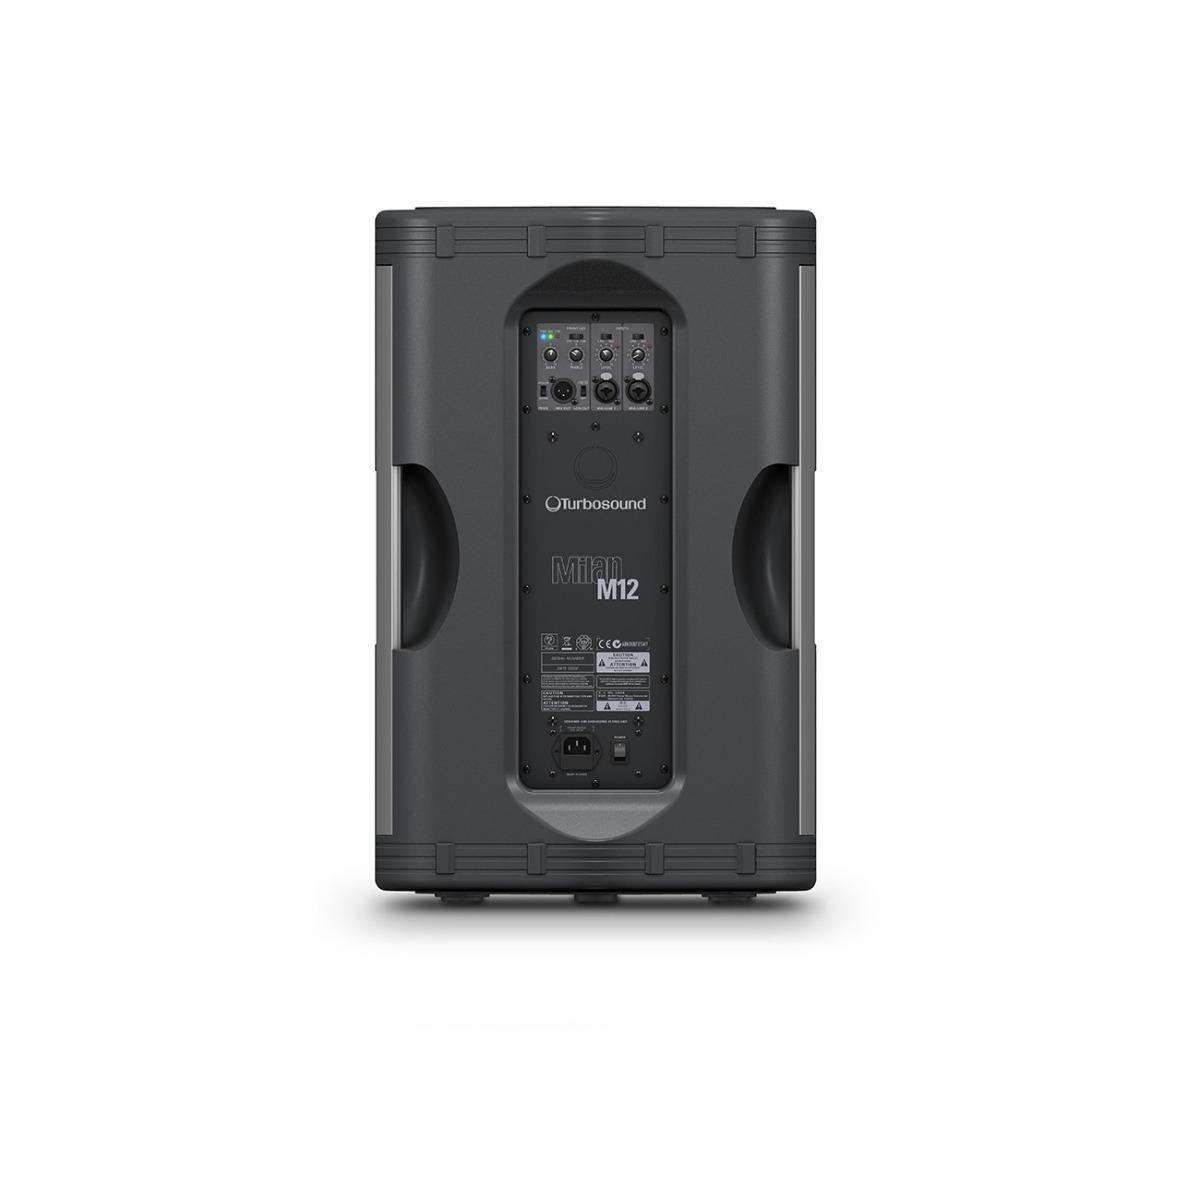 bafle activo amplificado turbosound milan m12 1100 watts 12 en mercado libre. Black Bedroom Furniture Sets. Home Design Ideas